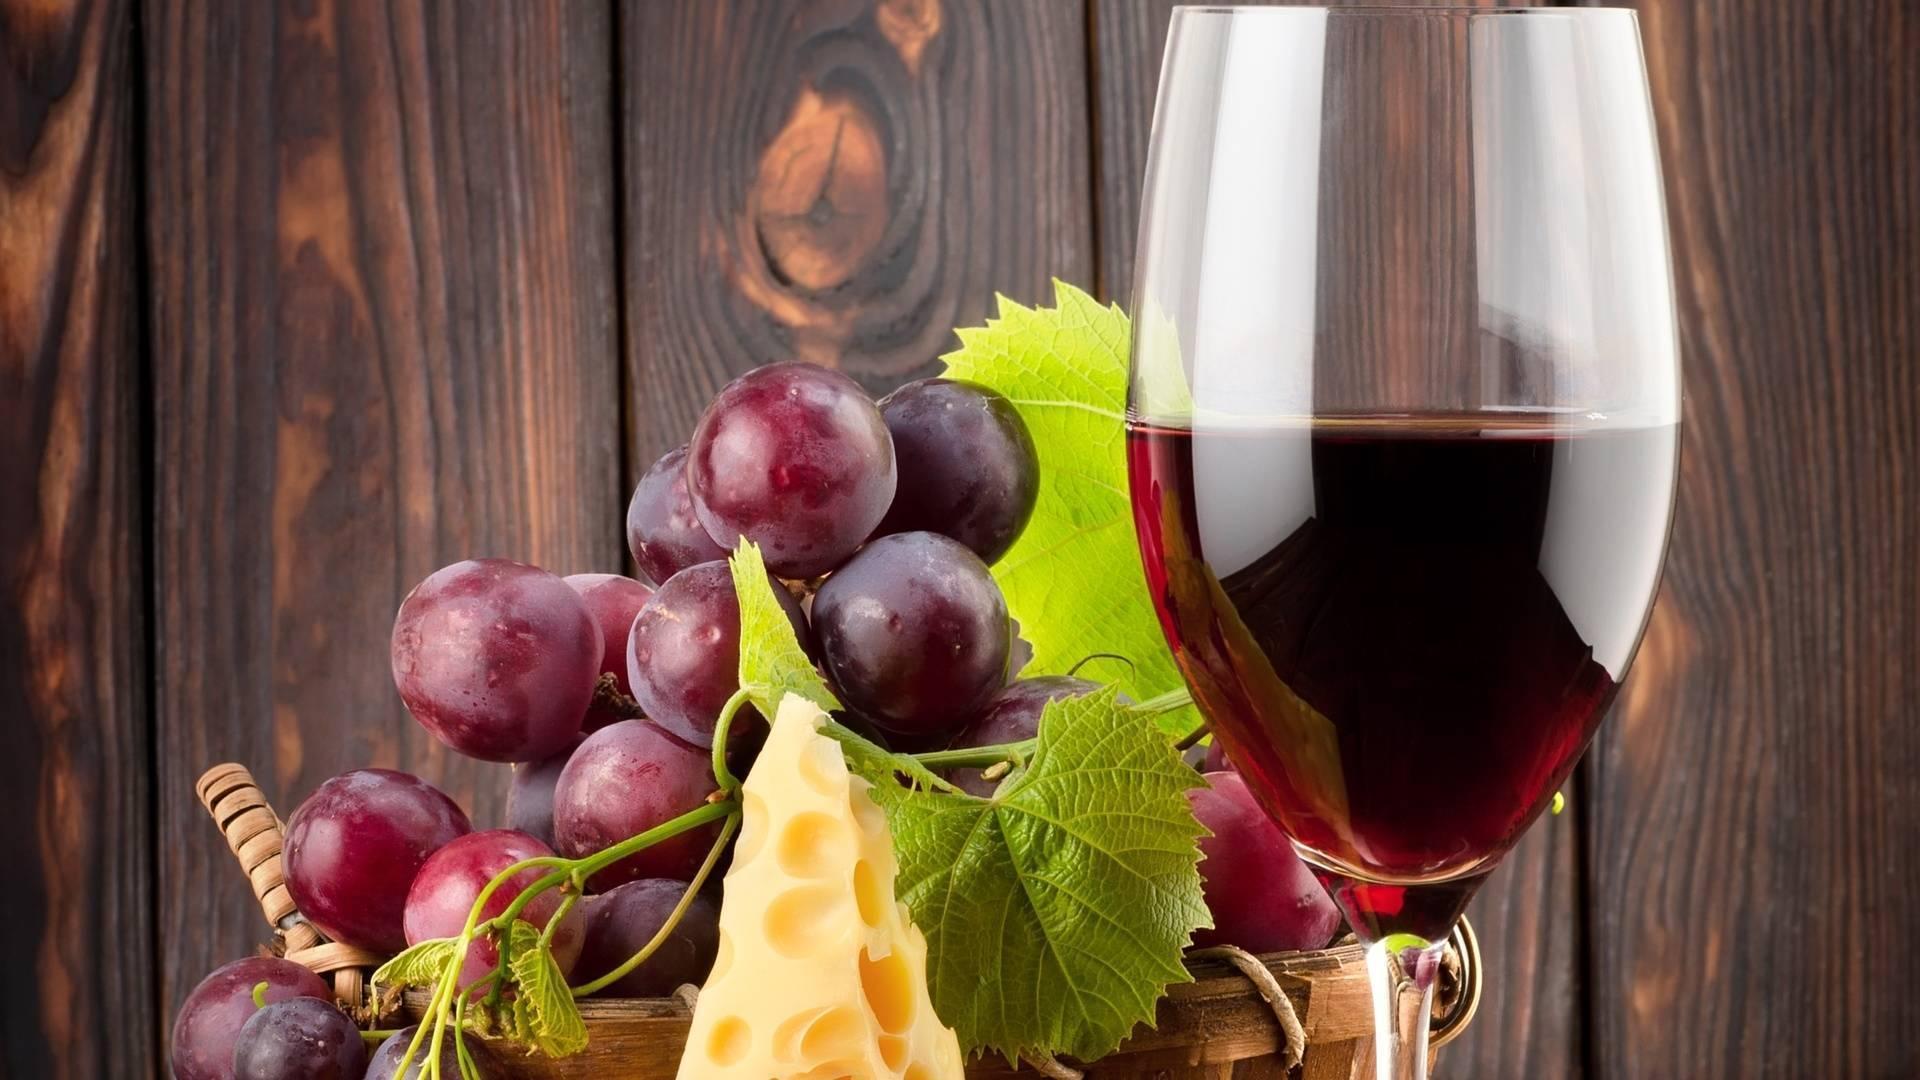 Красное вино полезно для здоровья — правда или ложь? | vivavita